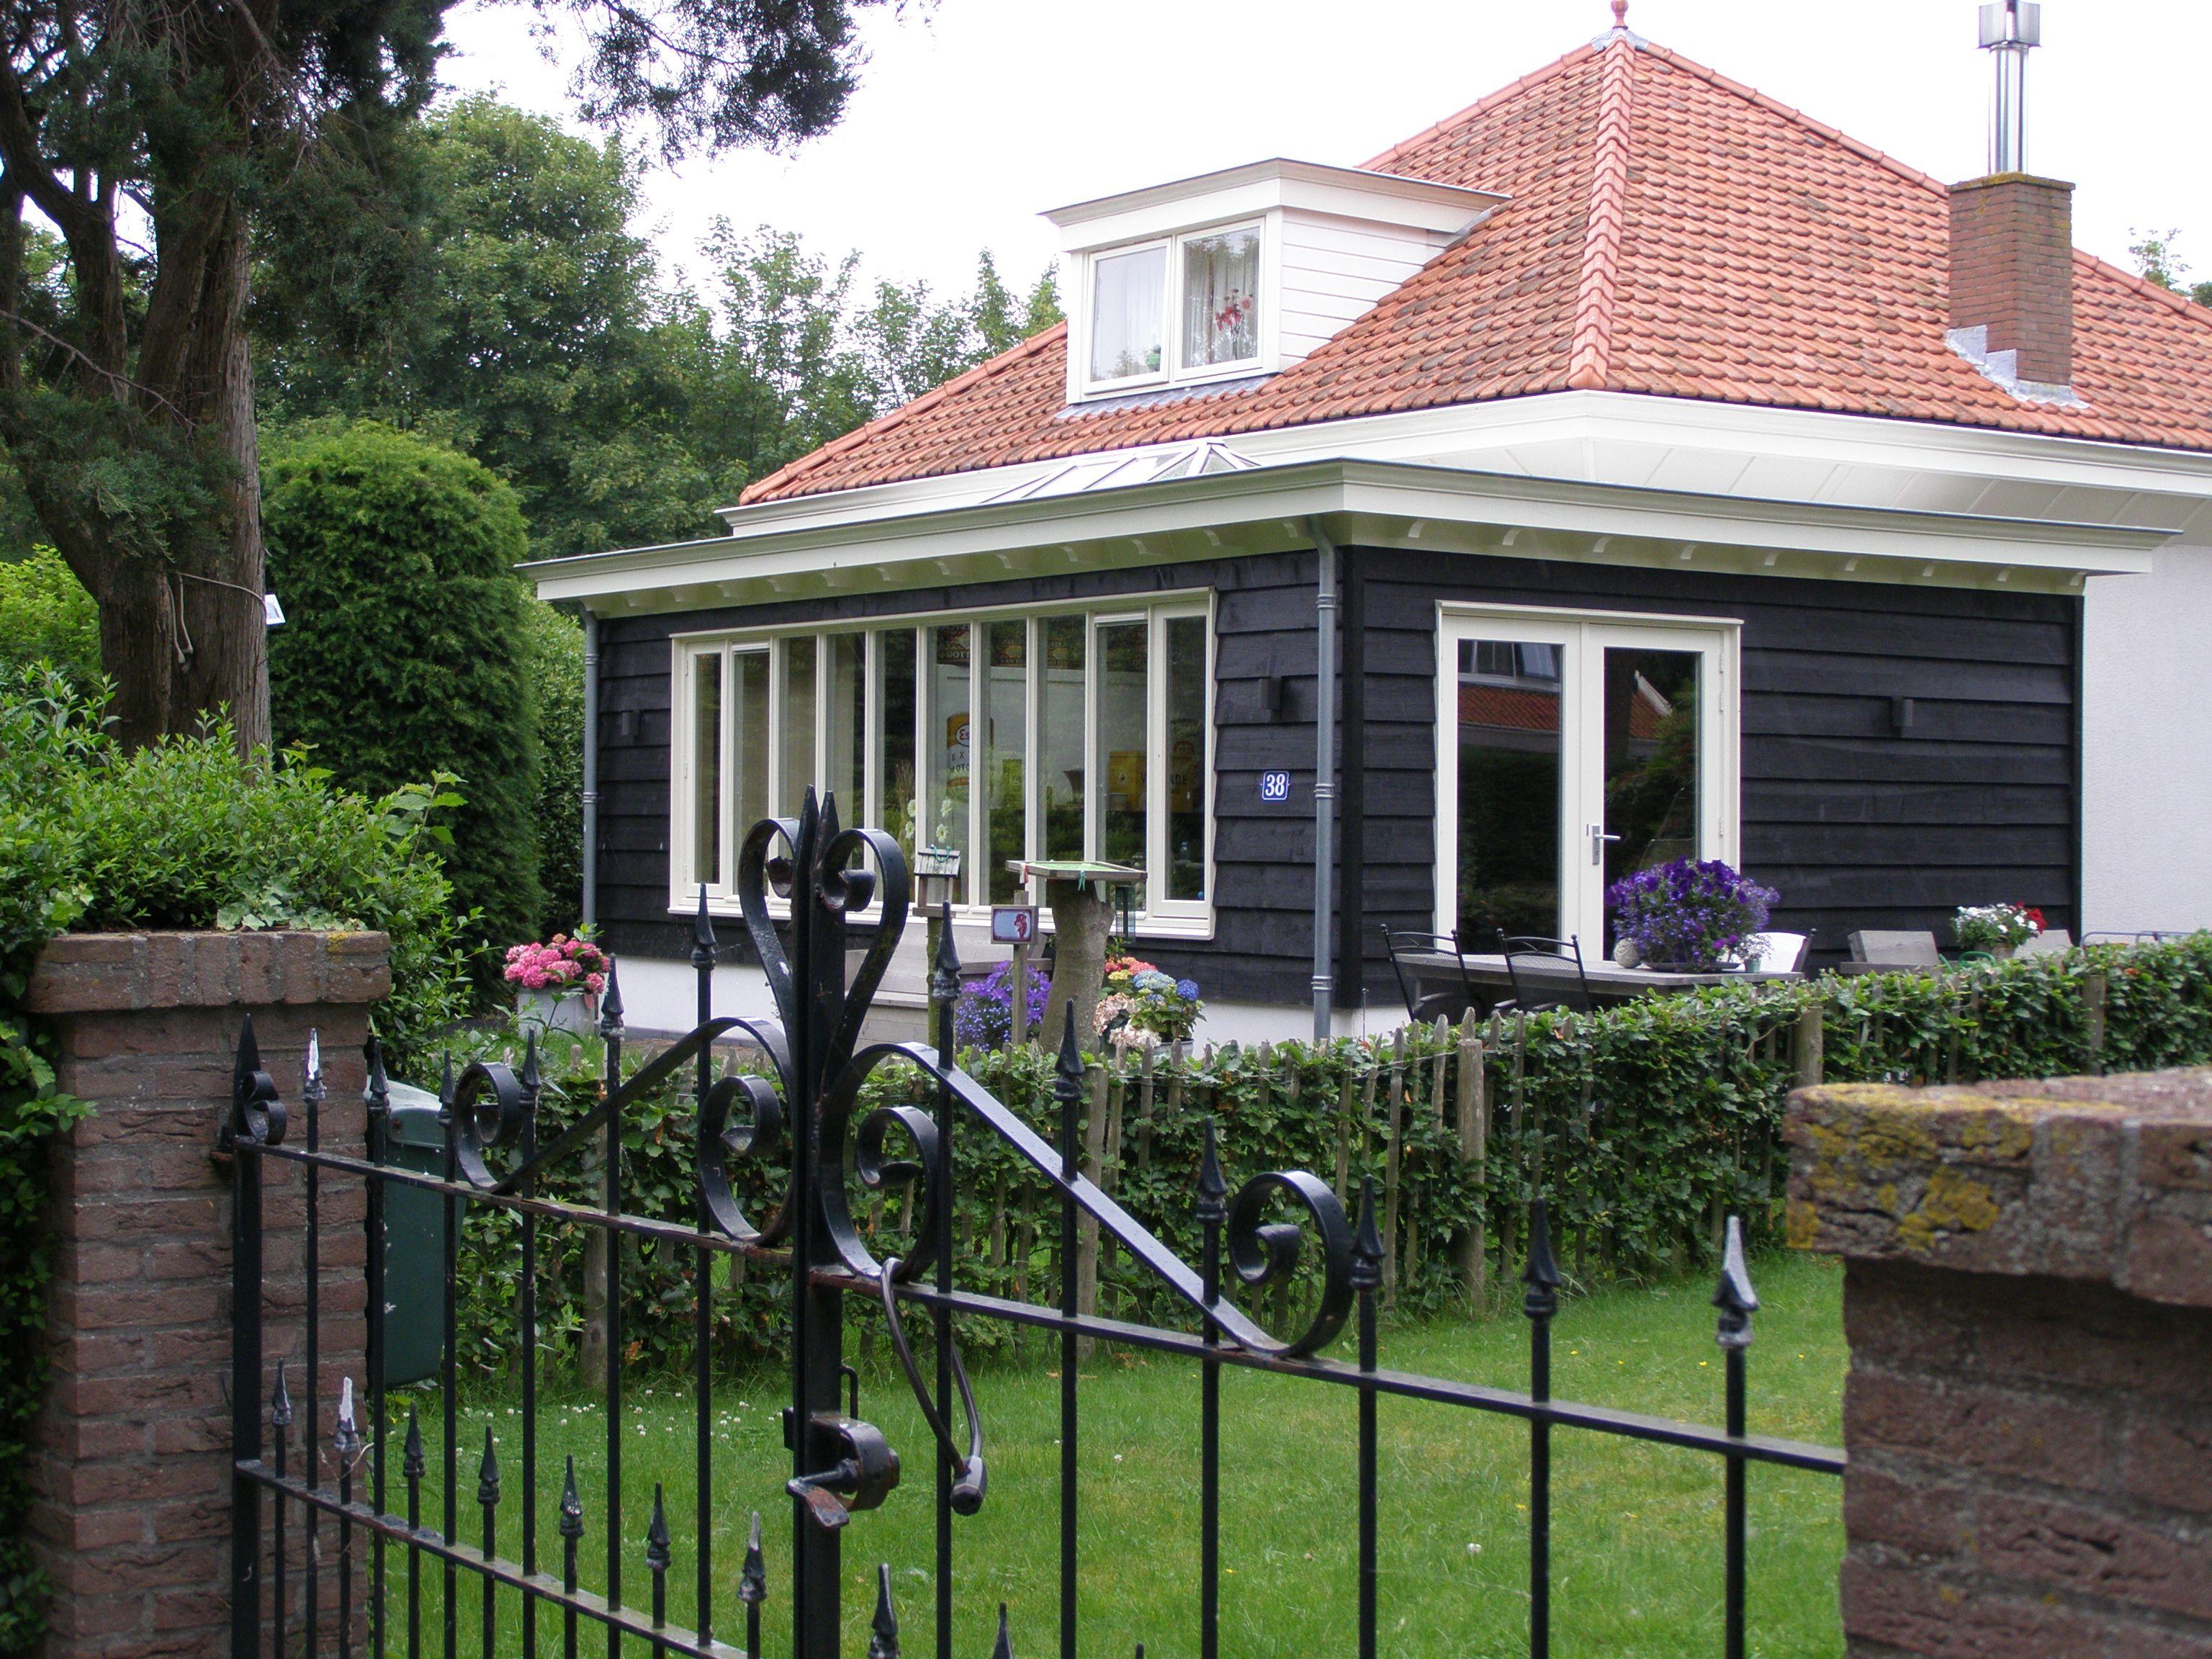 Aanbouw Keuken Landelijk : Houten veranda's en overkappingen on Pinterest Atelier, Vans and